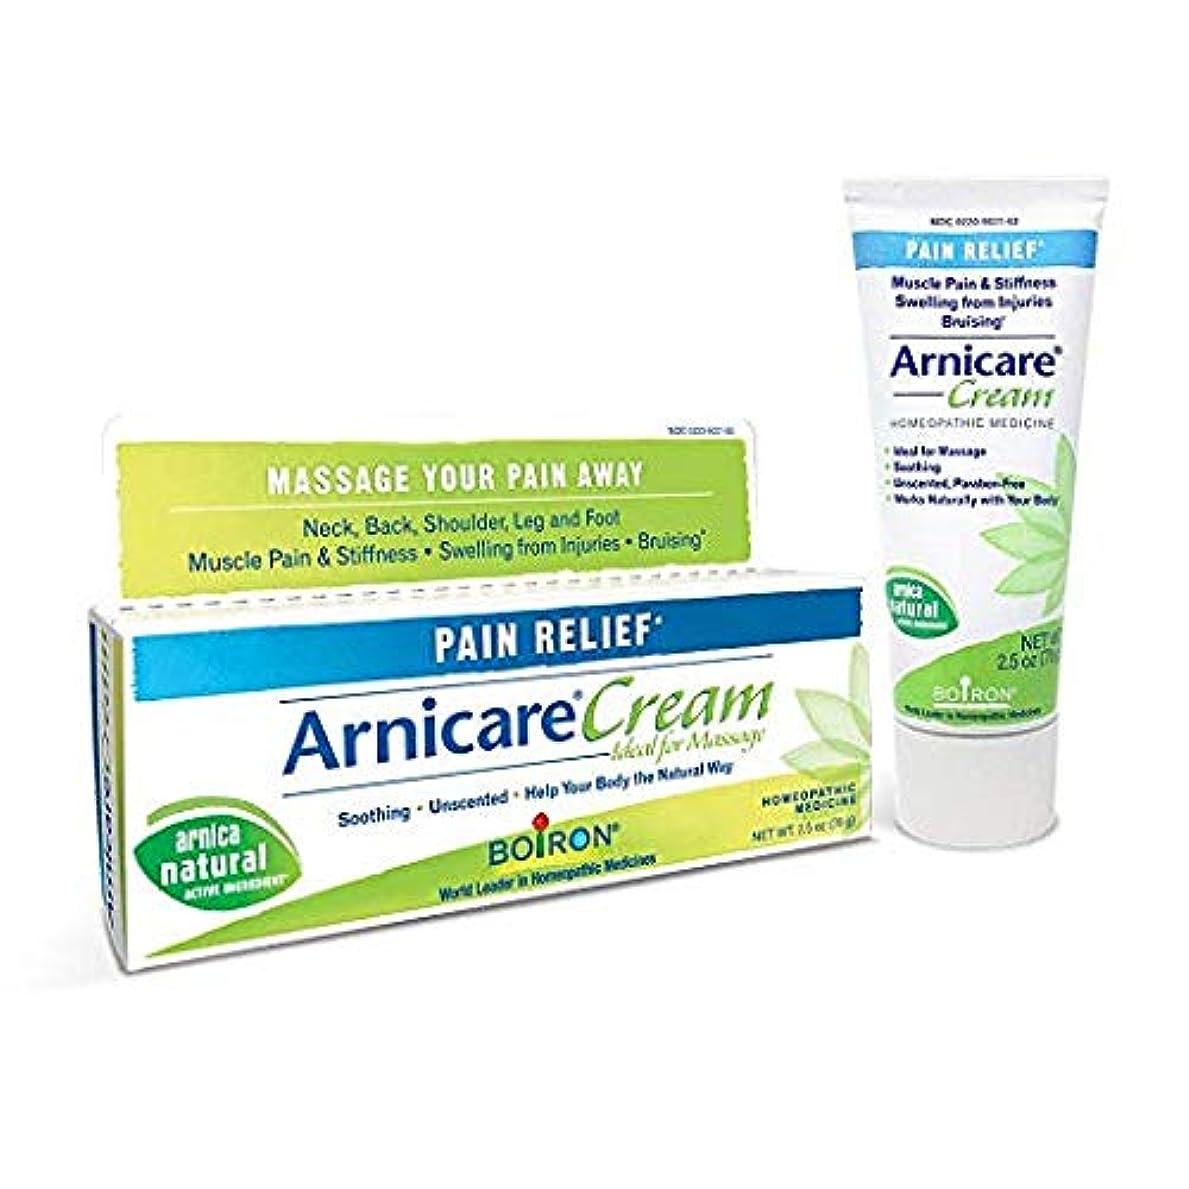 溶融嬉しいですアルミニウムボイロン アルニカクリーム Boiron Arnicare Cream 2.5 Ounces Topical Pain Relief Cream [並行輸入品]